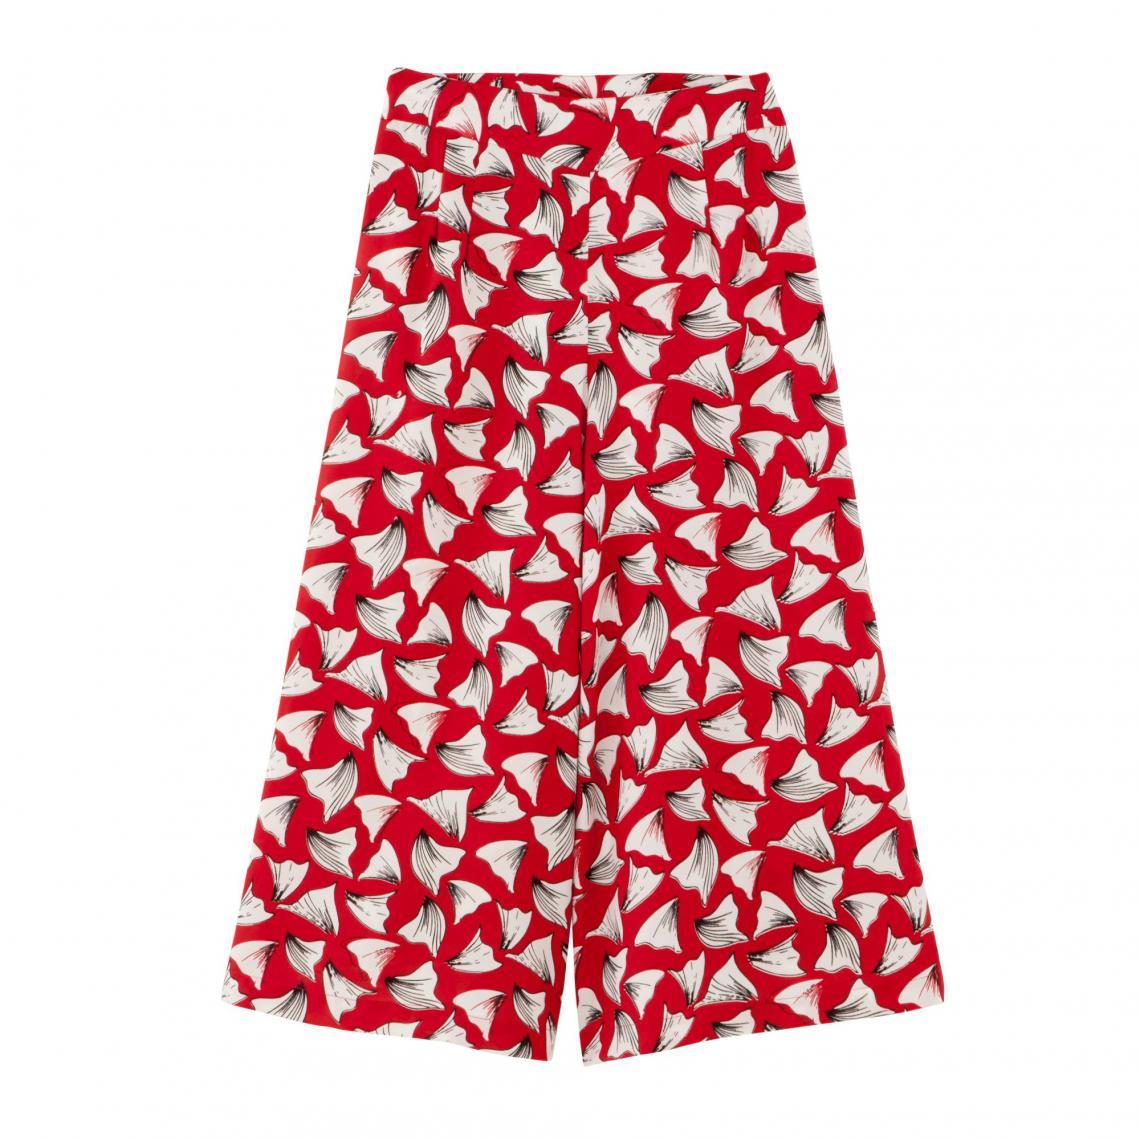 4dcdc4dd5aa63 Jupe-culotte fluide imprimée extra large femme - Bicolore Rouge 3 Suisses  Collection